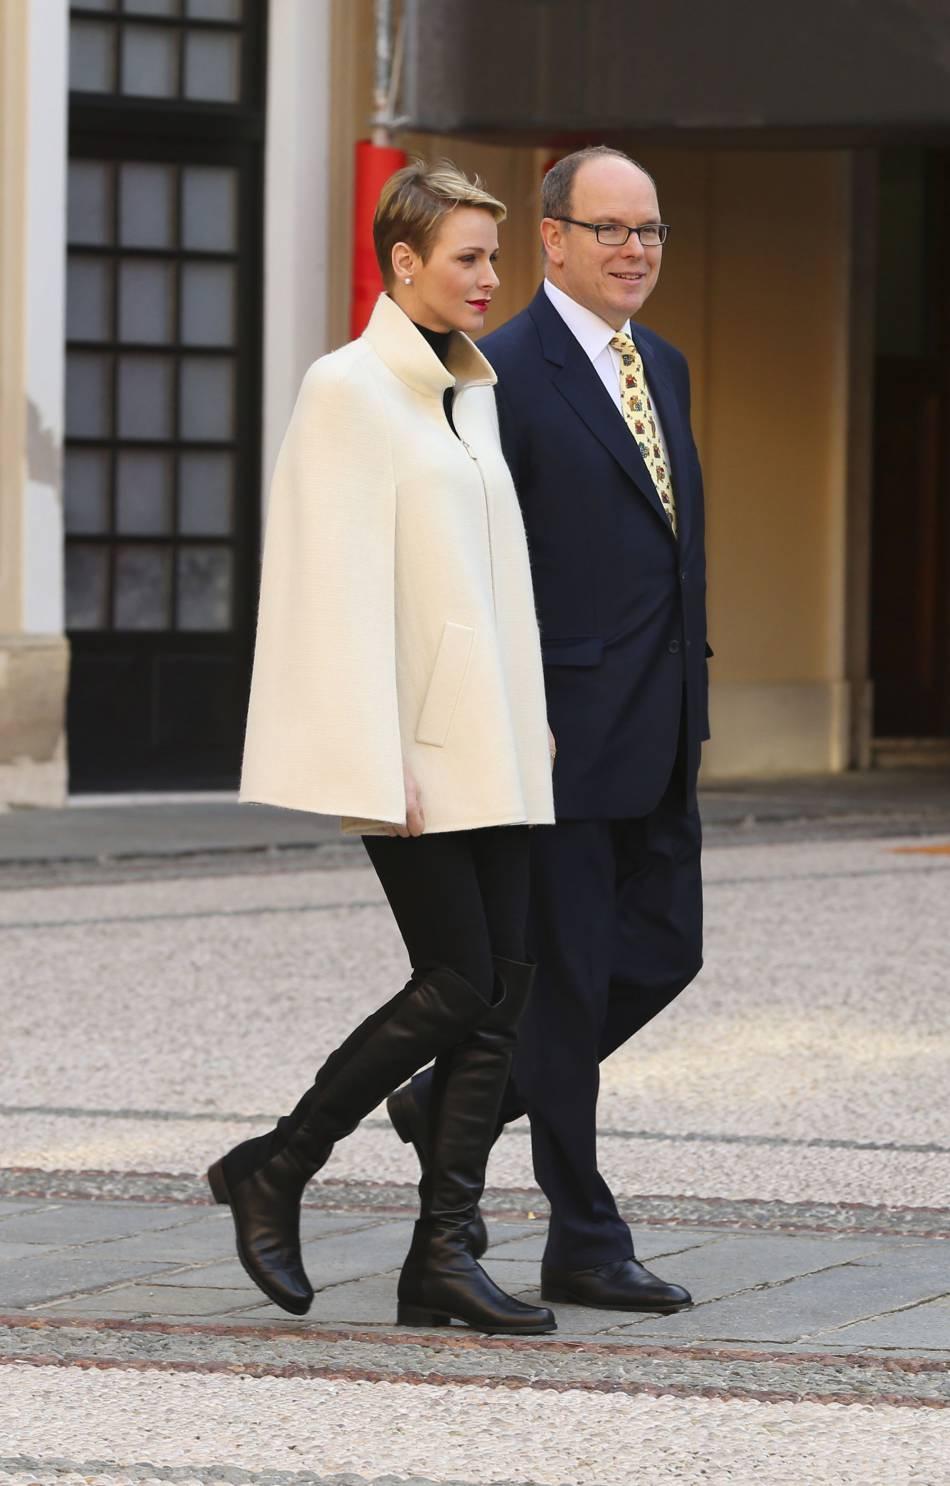 Charlènede Monaco et Albert II de Monaco célèbrent Noël avec les enfants de la principauté cemercredi 16 décembre 2015.